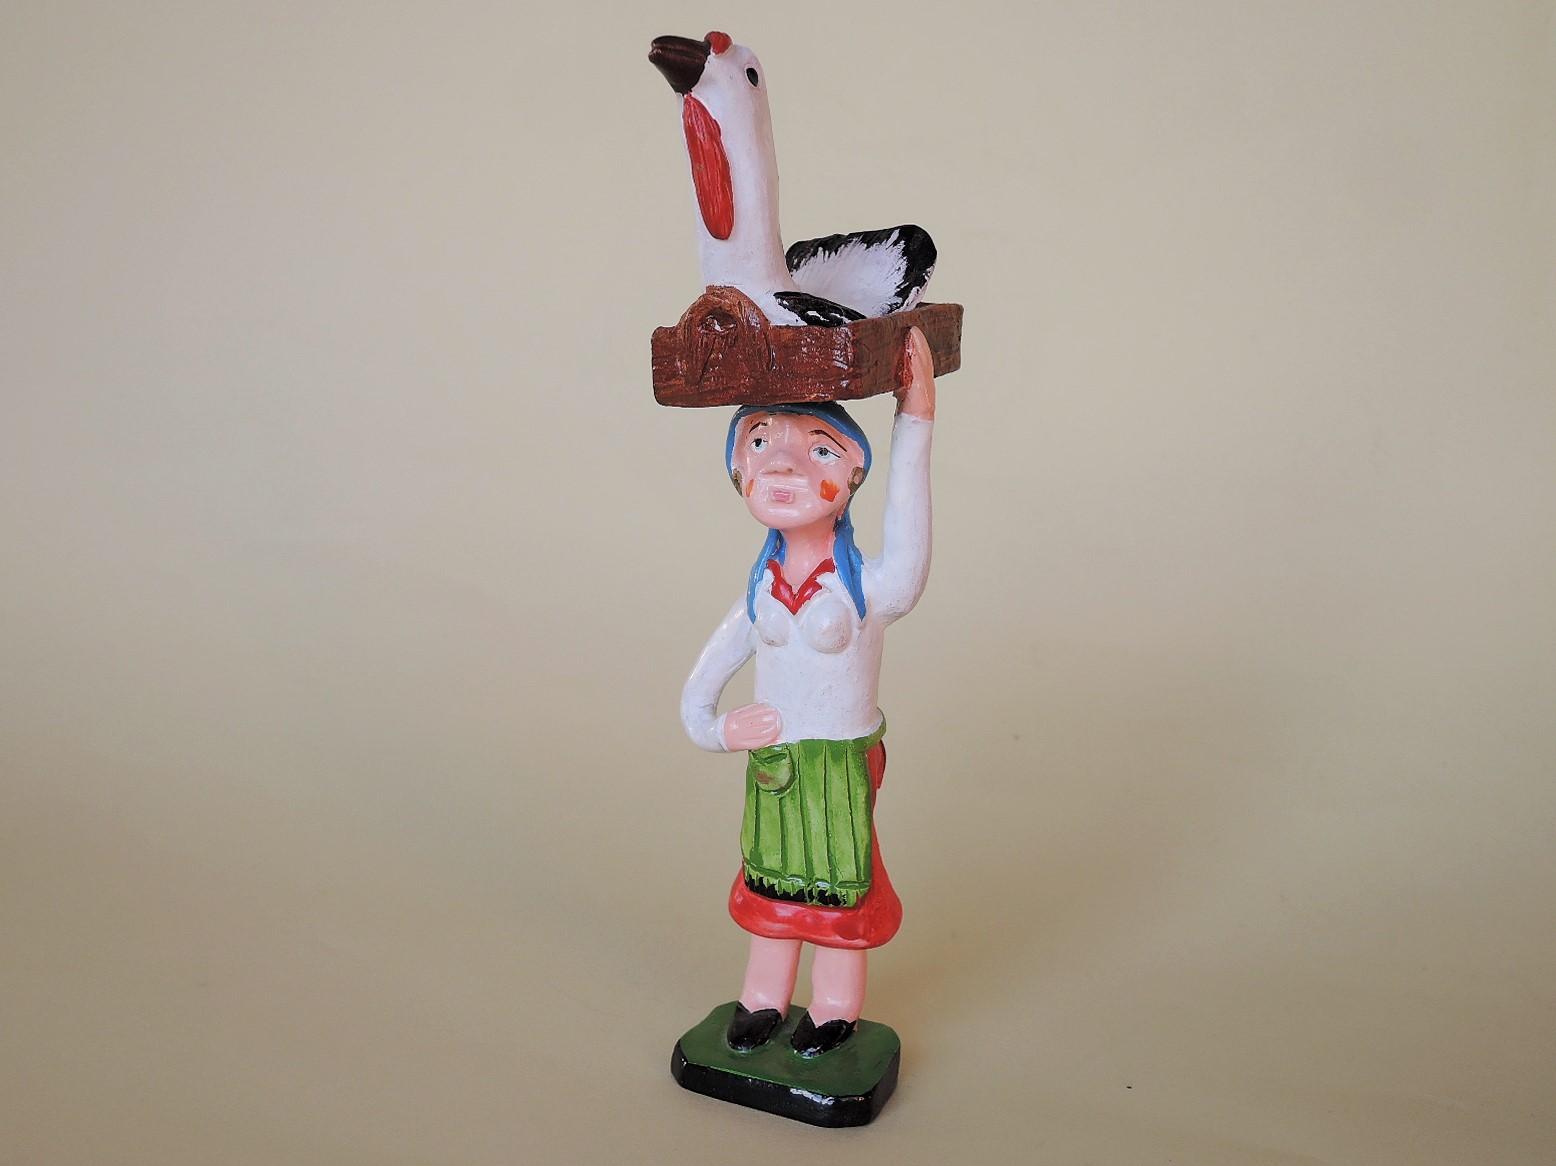 ジョアンフェレイラ(ポルトガル)作品 鶏を運ぶ女性